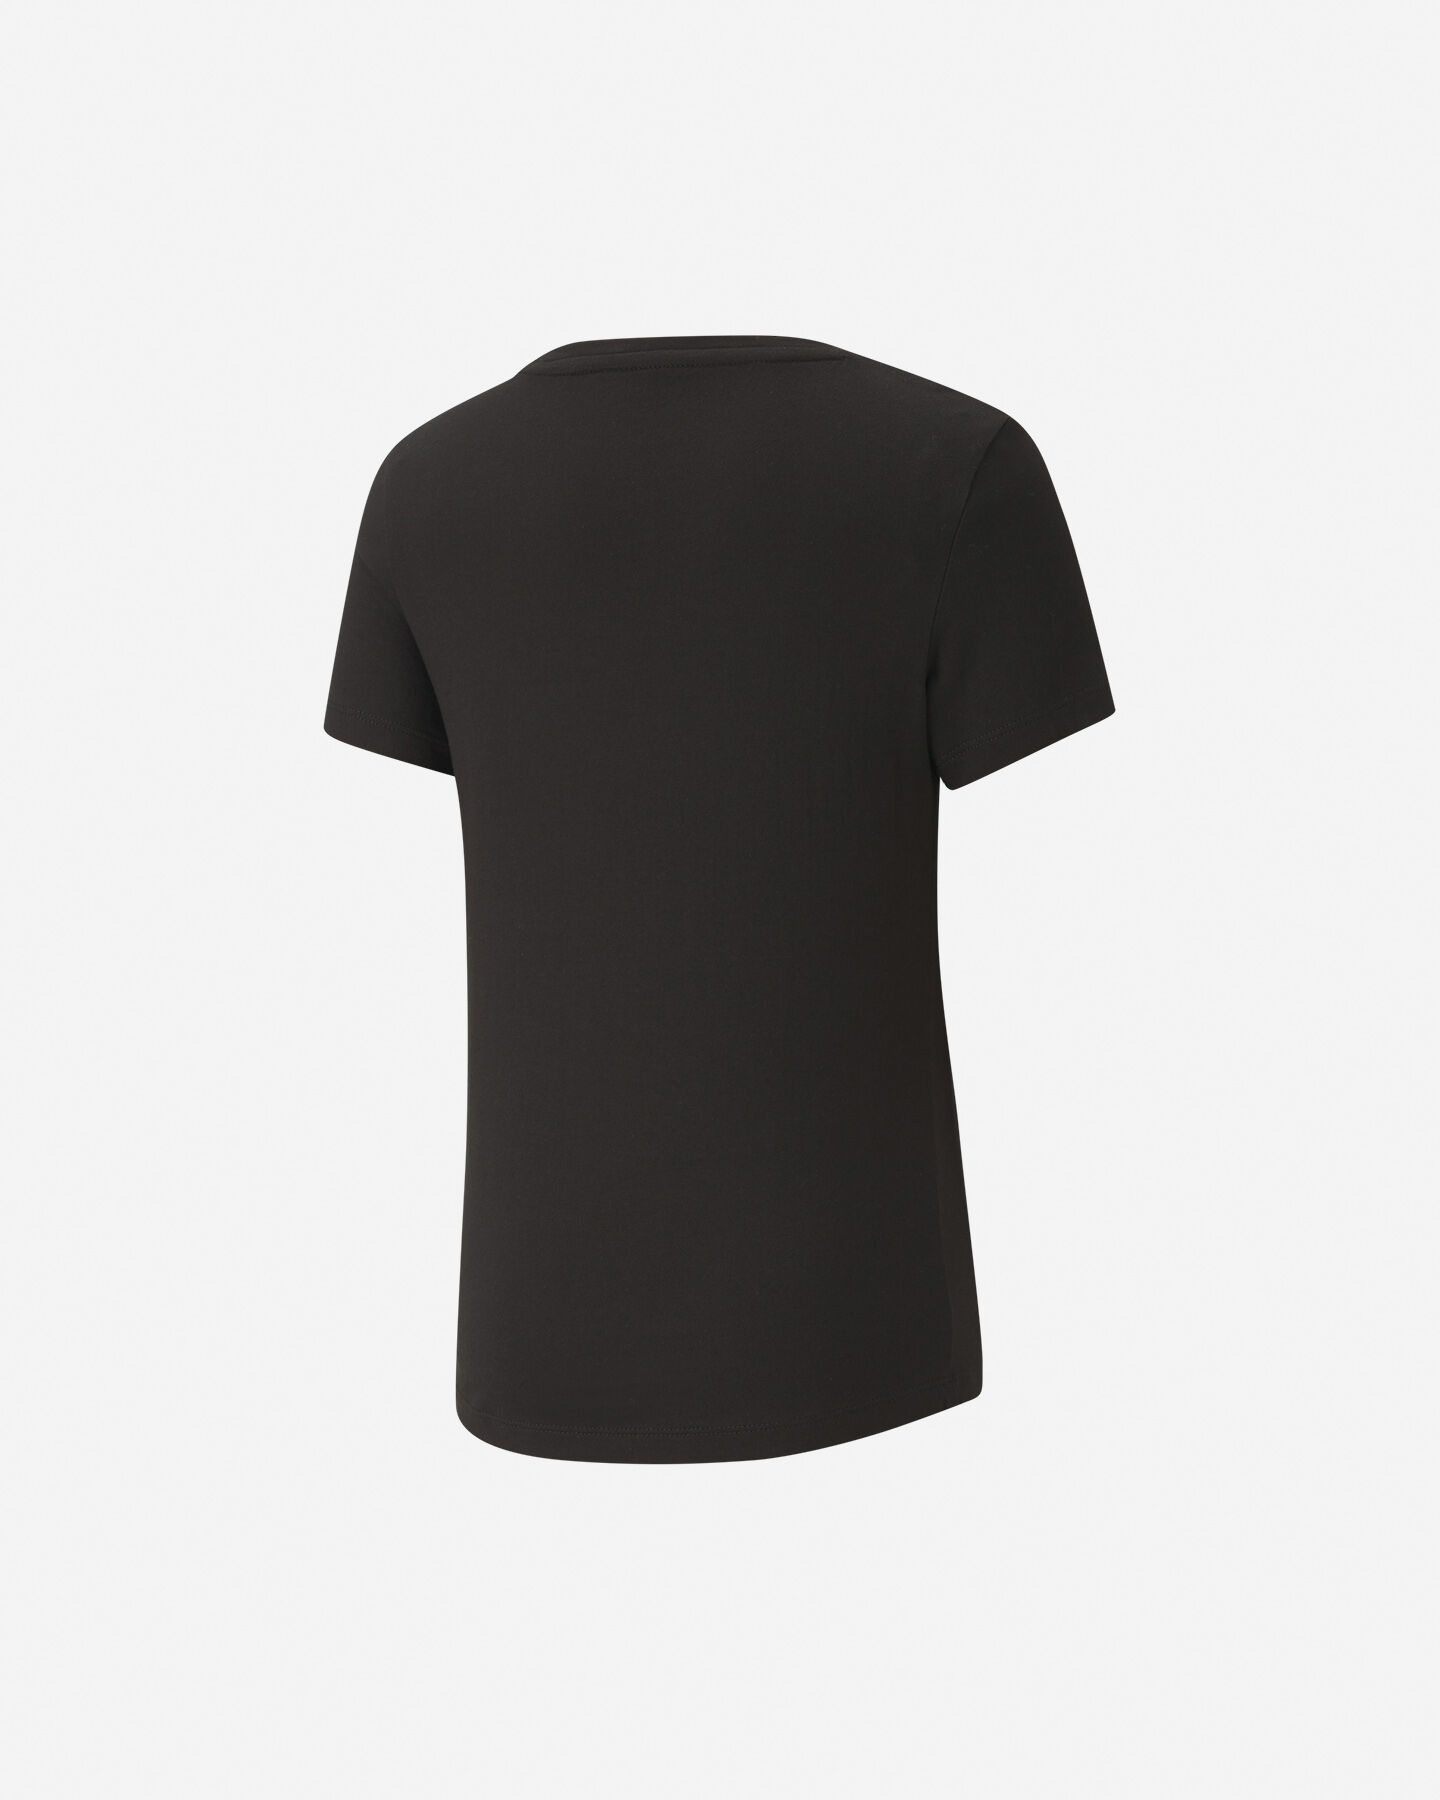 T-Shirt PUMA MC BIG LOGO JR S5234894 scatto 1